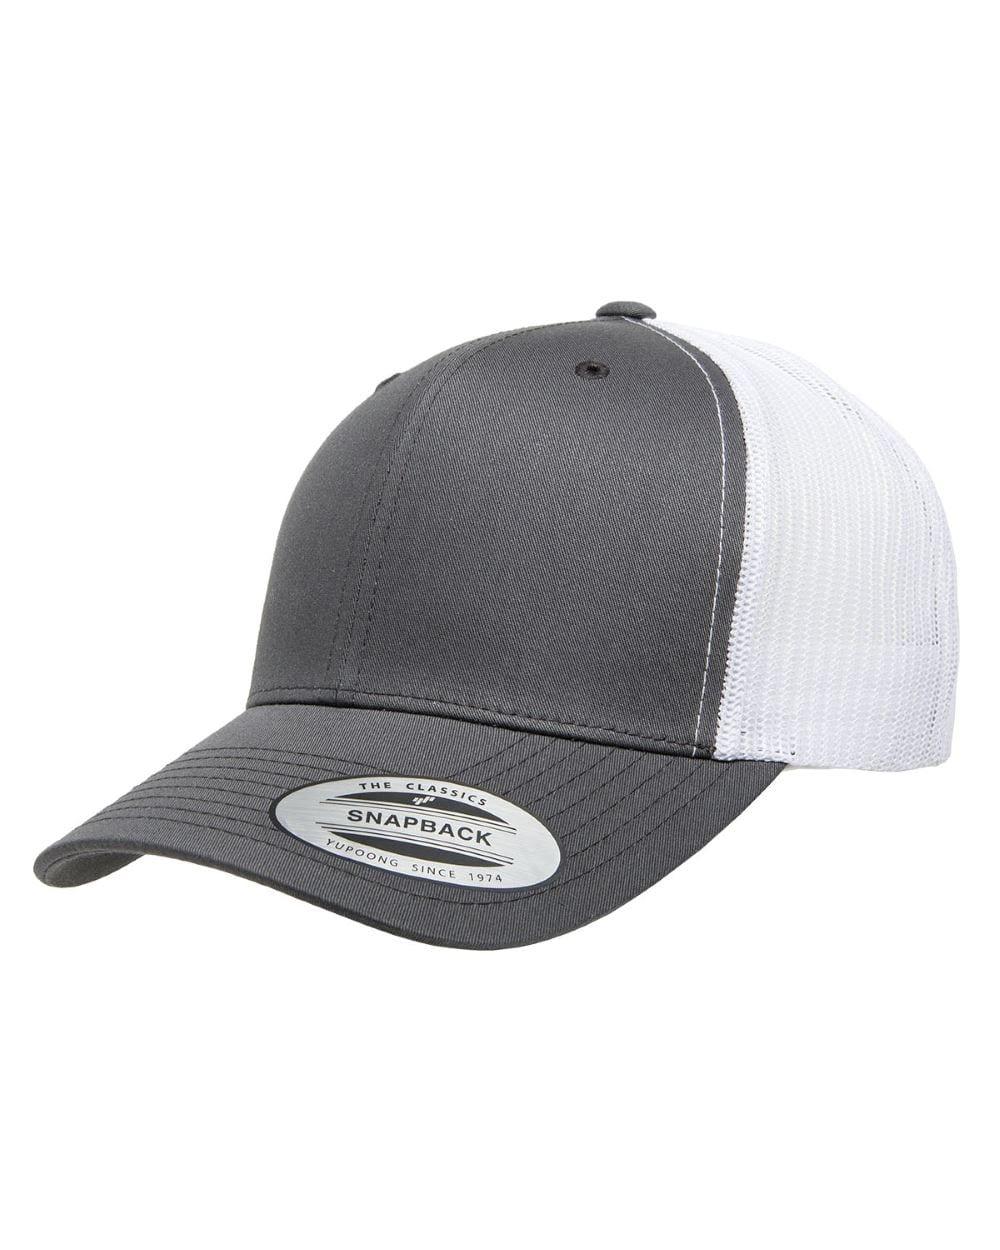 006ac142d Yupoong 6606 Retro Trucker Snapback Cap - Bulk Custom Shirts